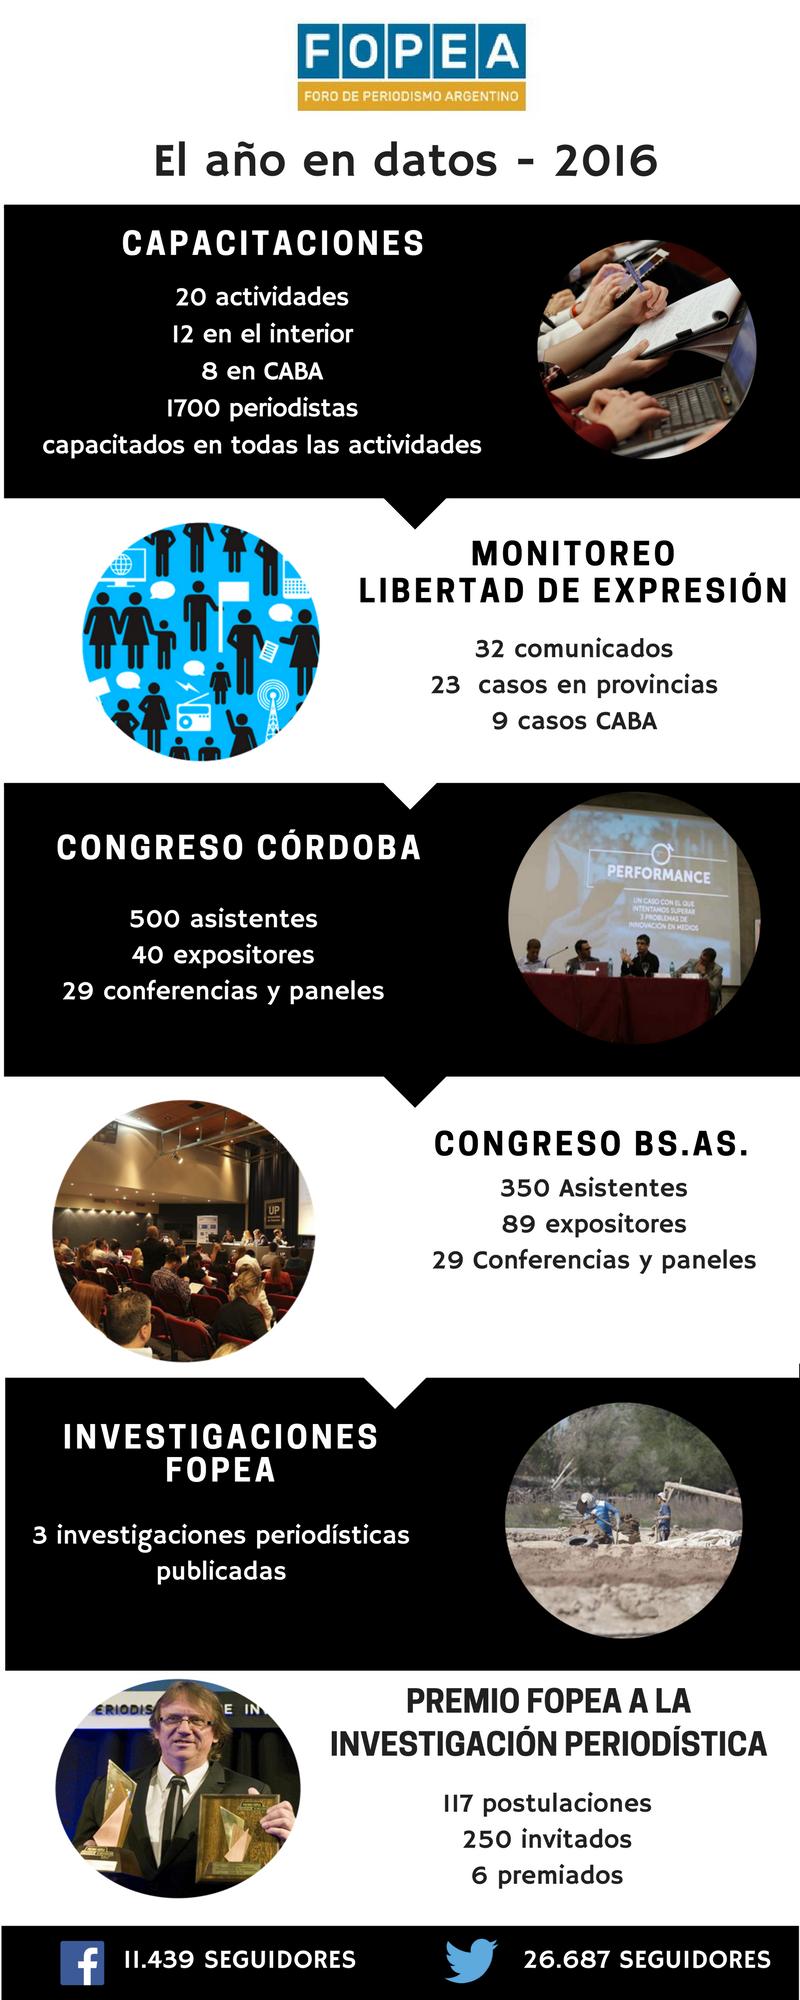 infografia-fopea-2016